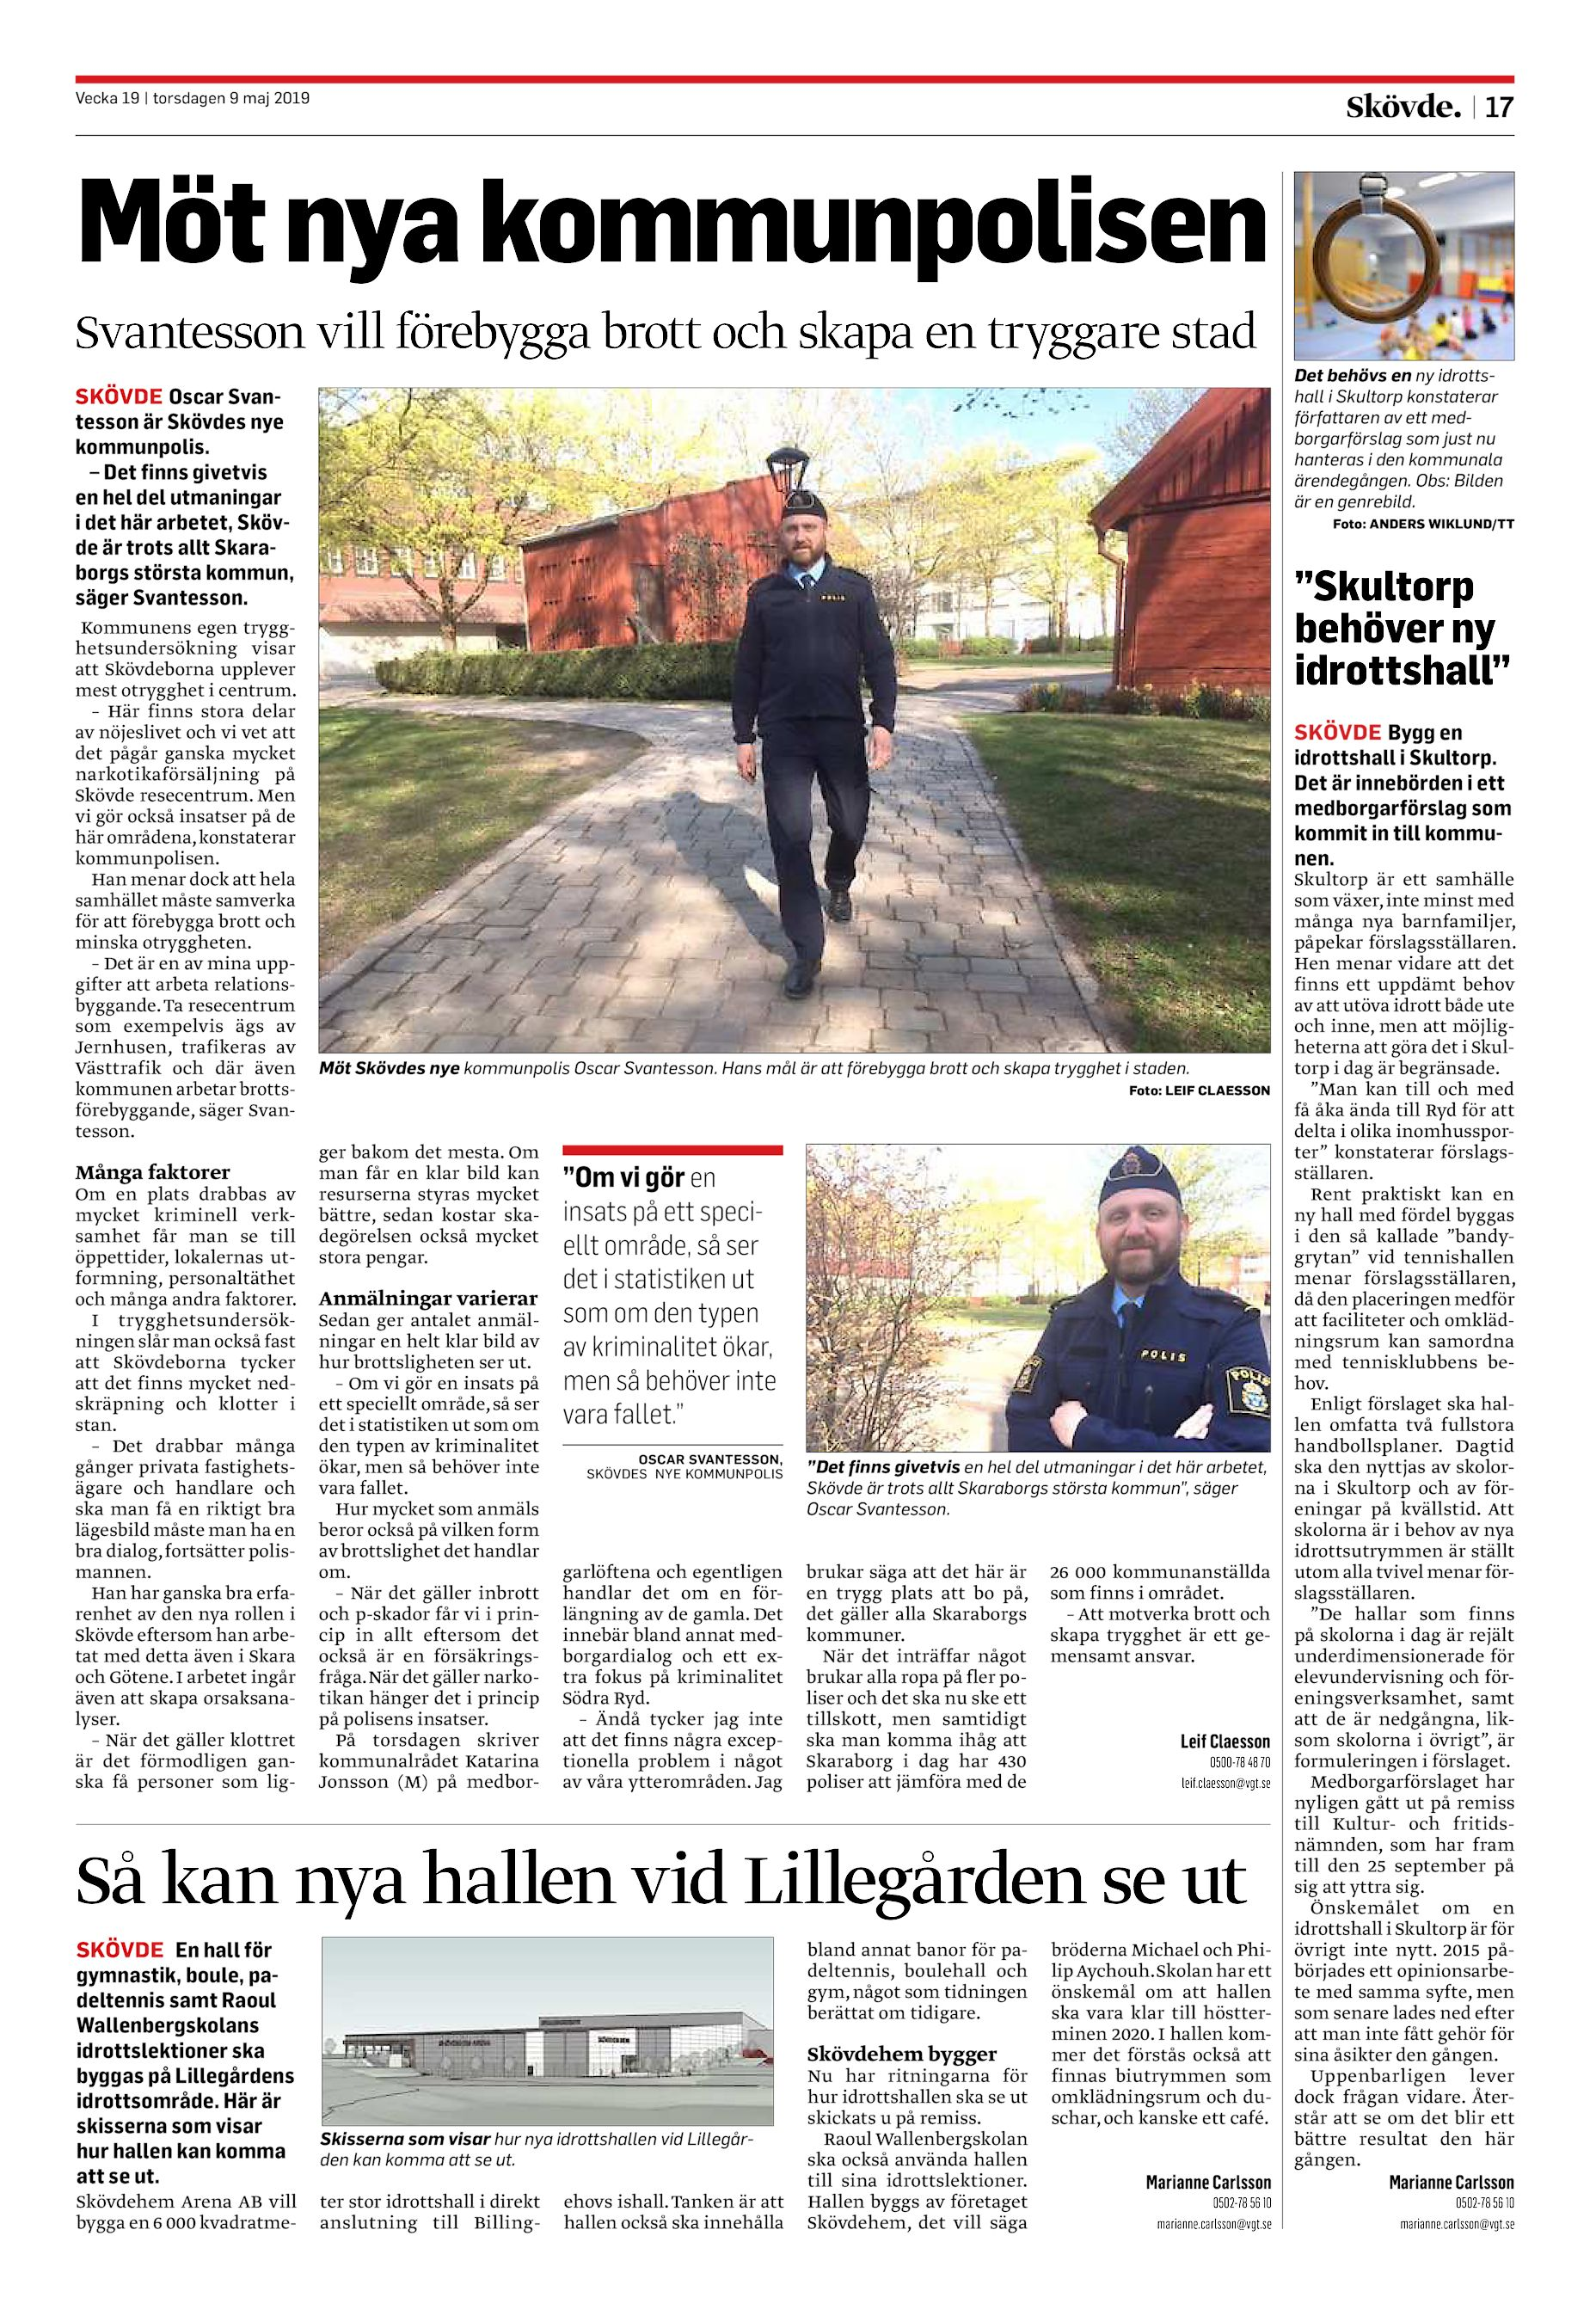 Platvgen 31B Vstra Gtalands ln, Skvde - patient-survey.net